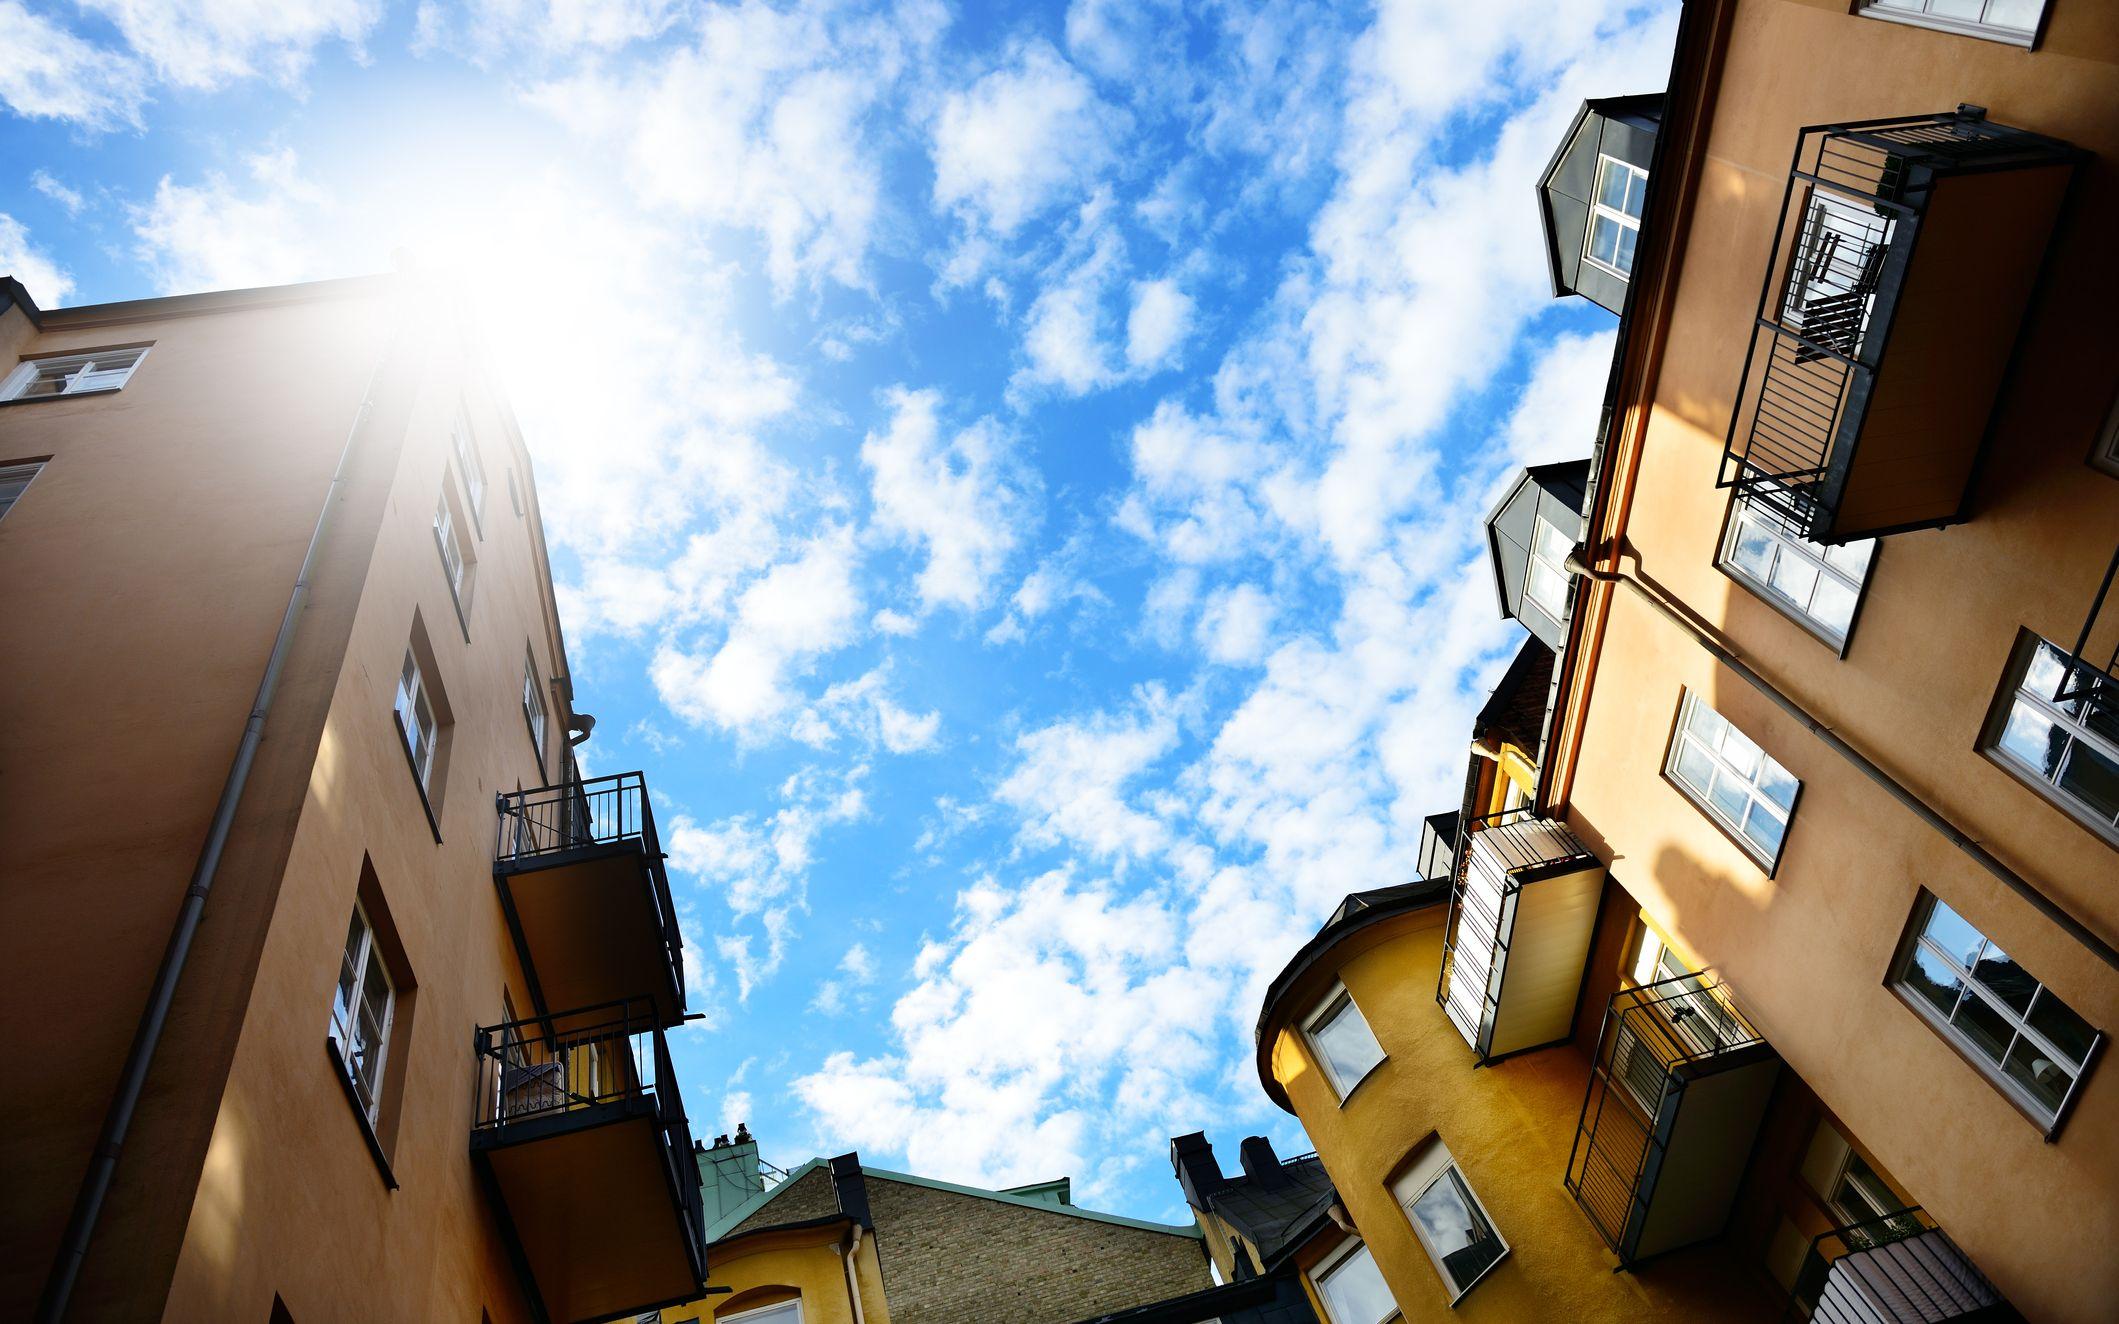 7 råd til en enklere boligjakt